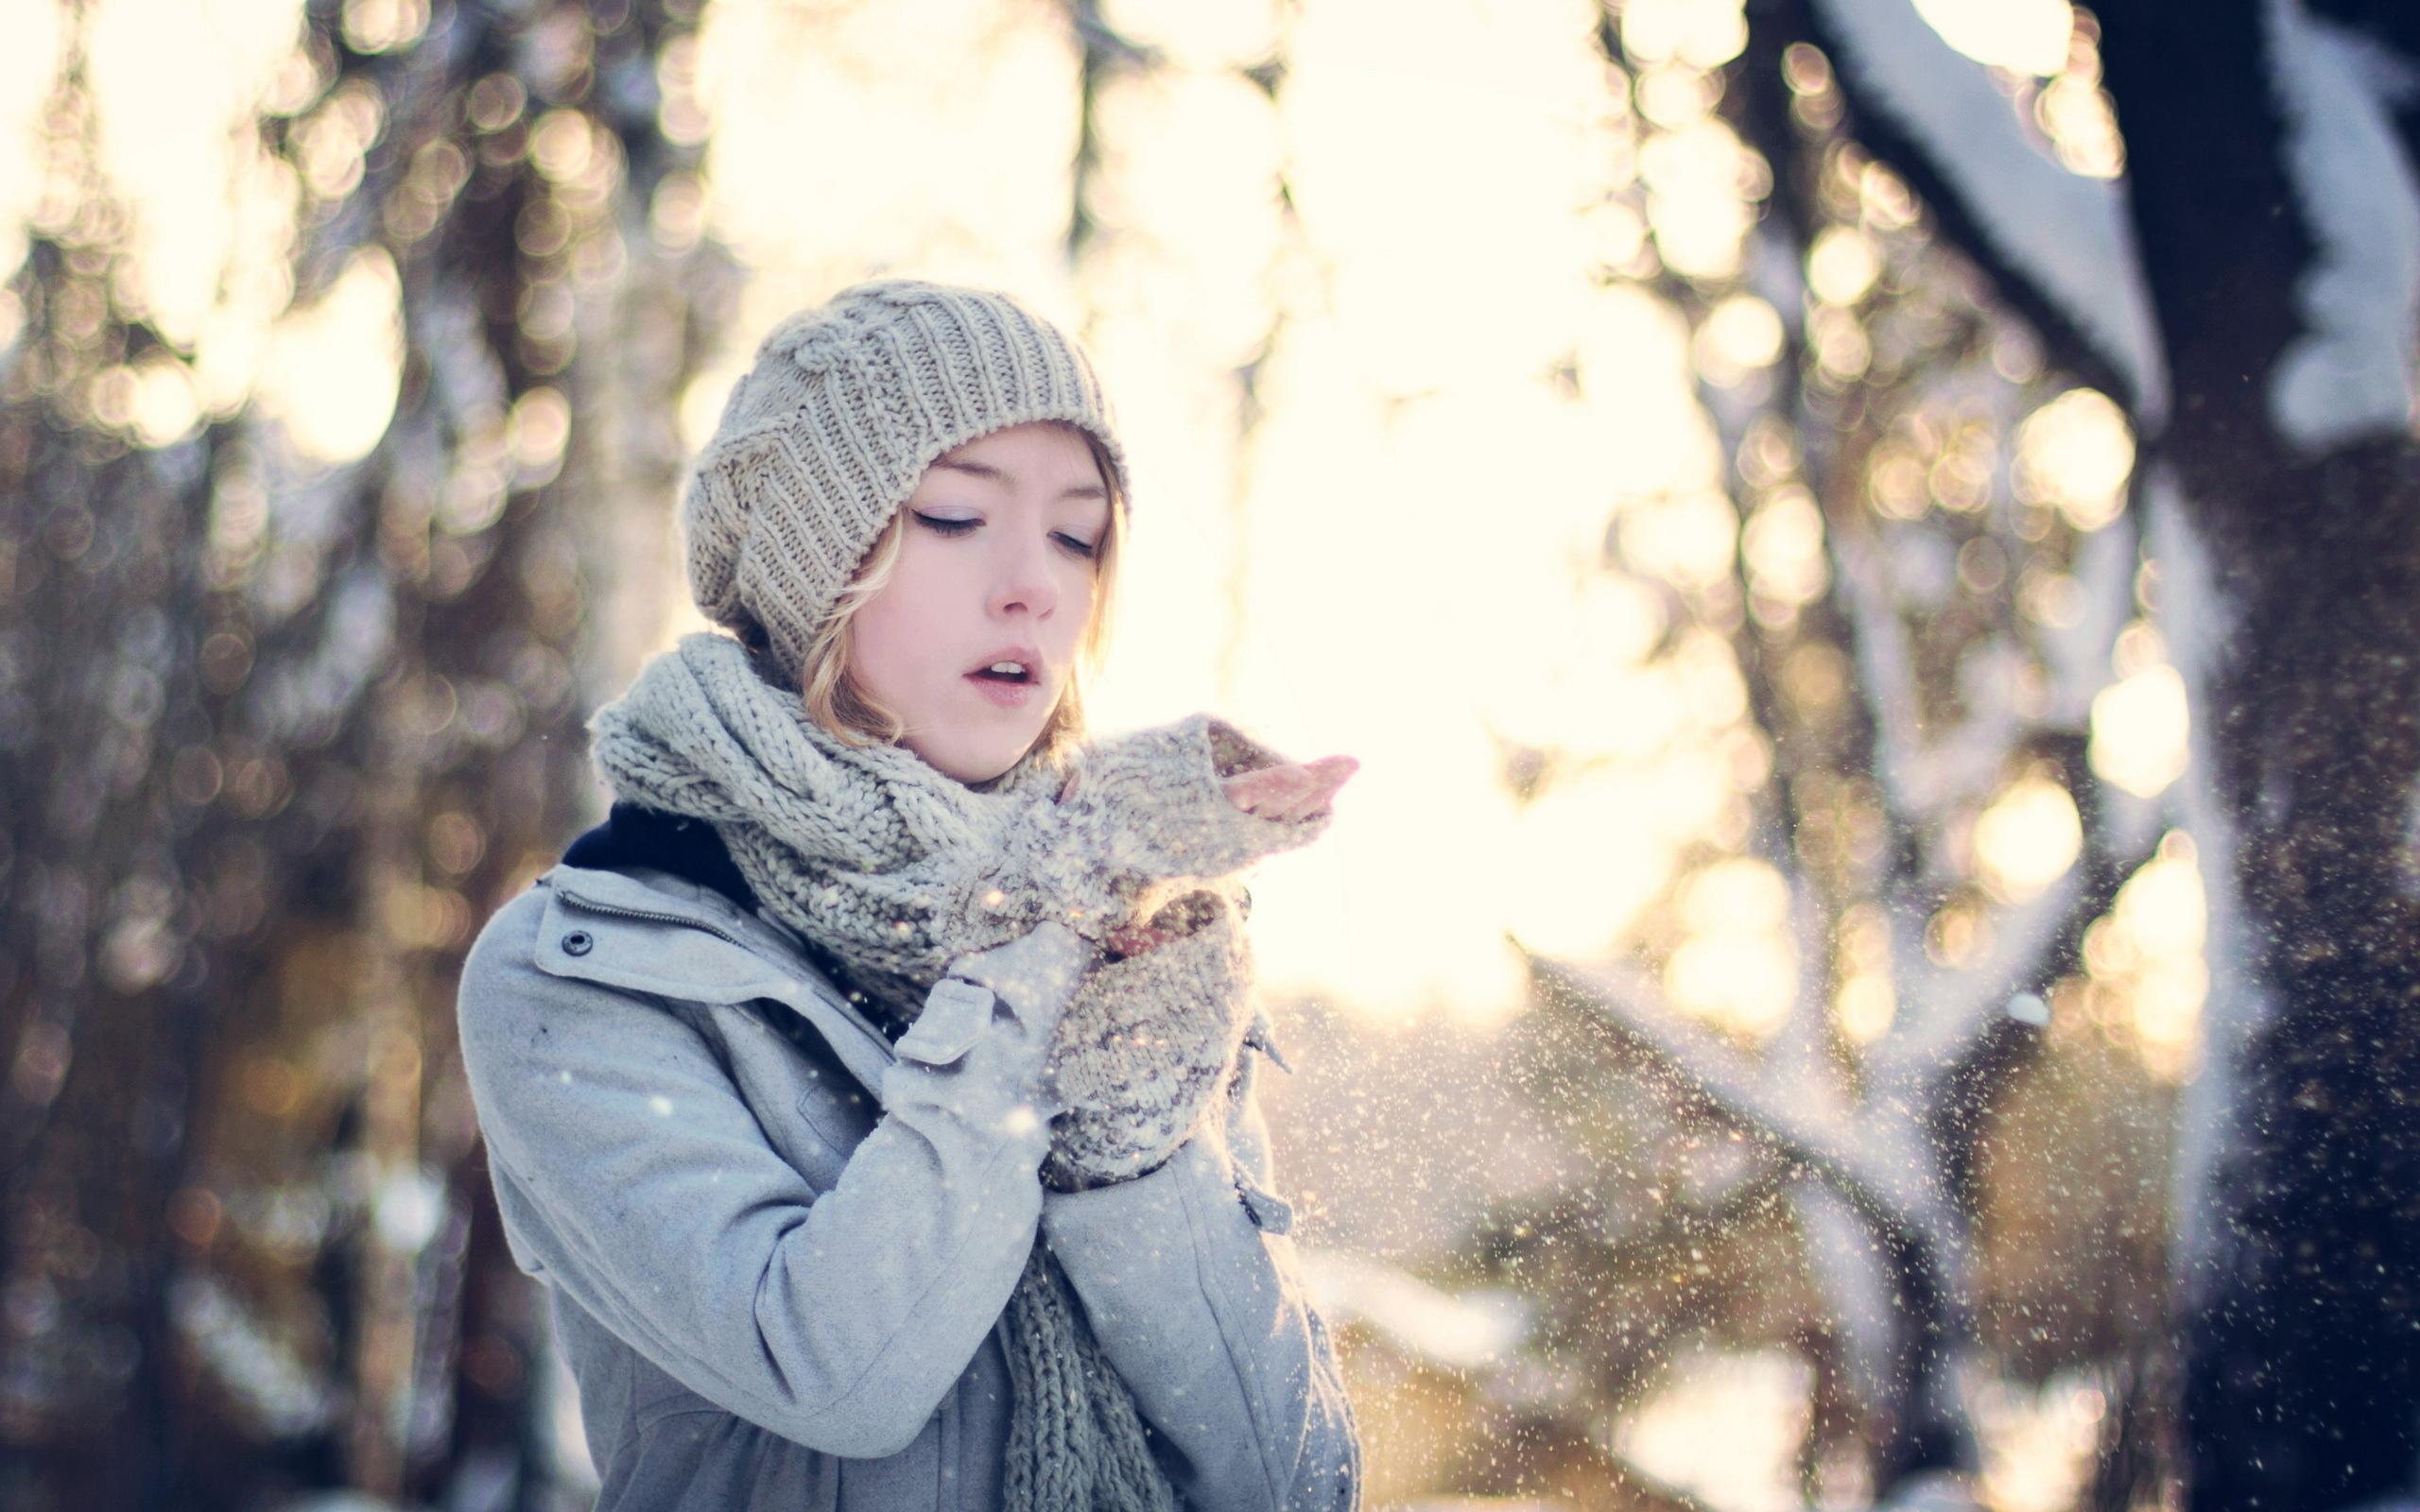 Фото девушек на фоне зимы не видно лица 22 фотография